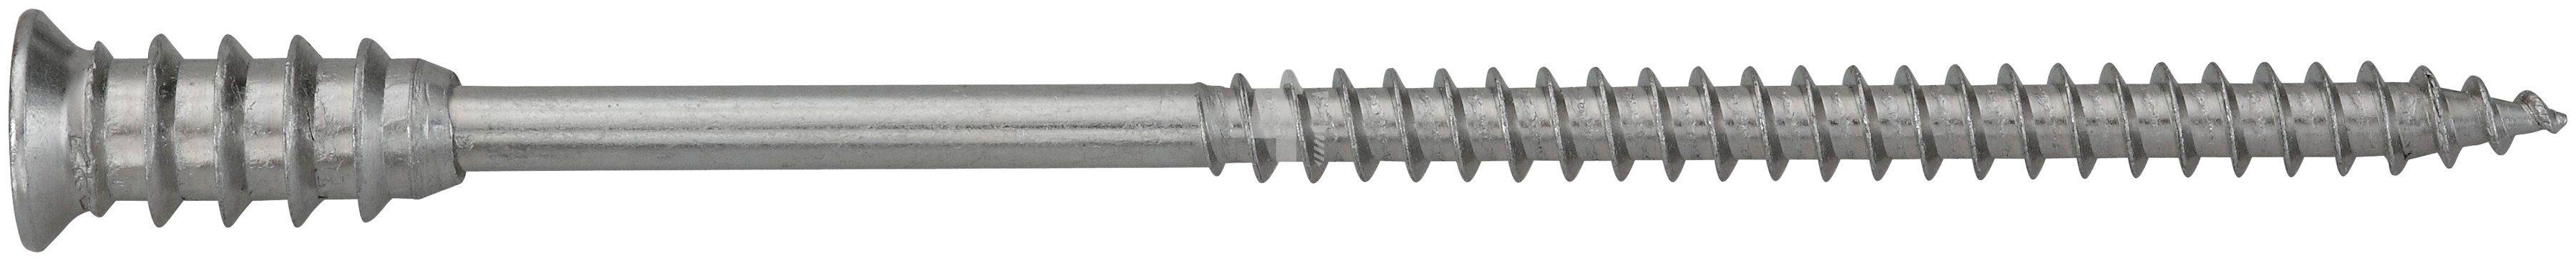 RAMSES Schrauben , Justierschraube Holz/Beton 6 x 120 mm 50 Stk.